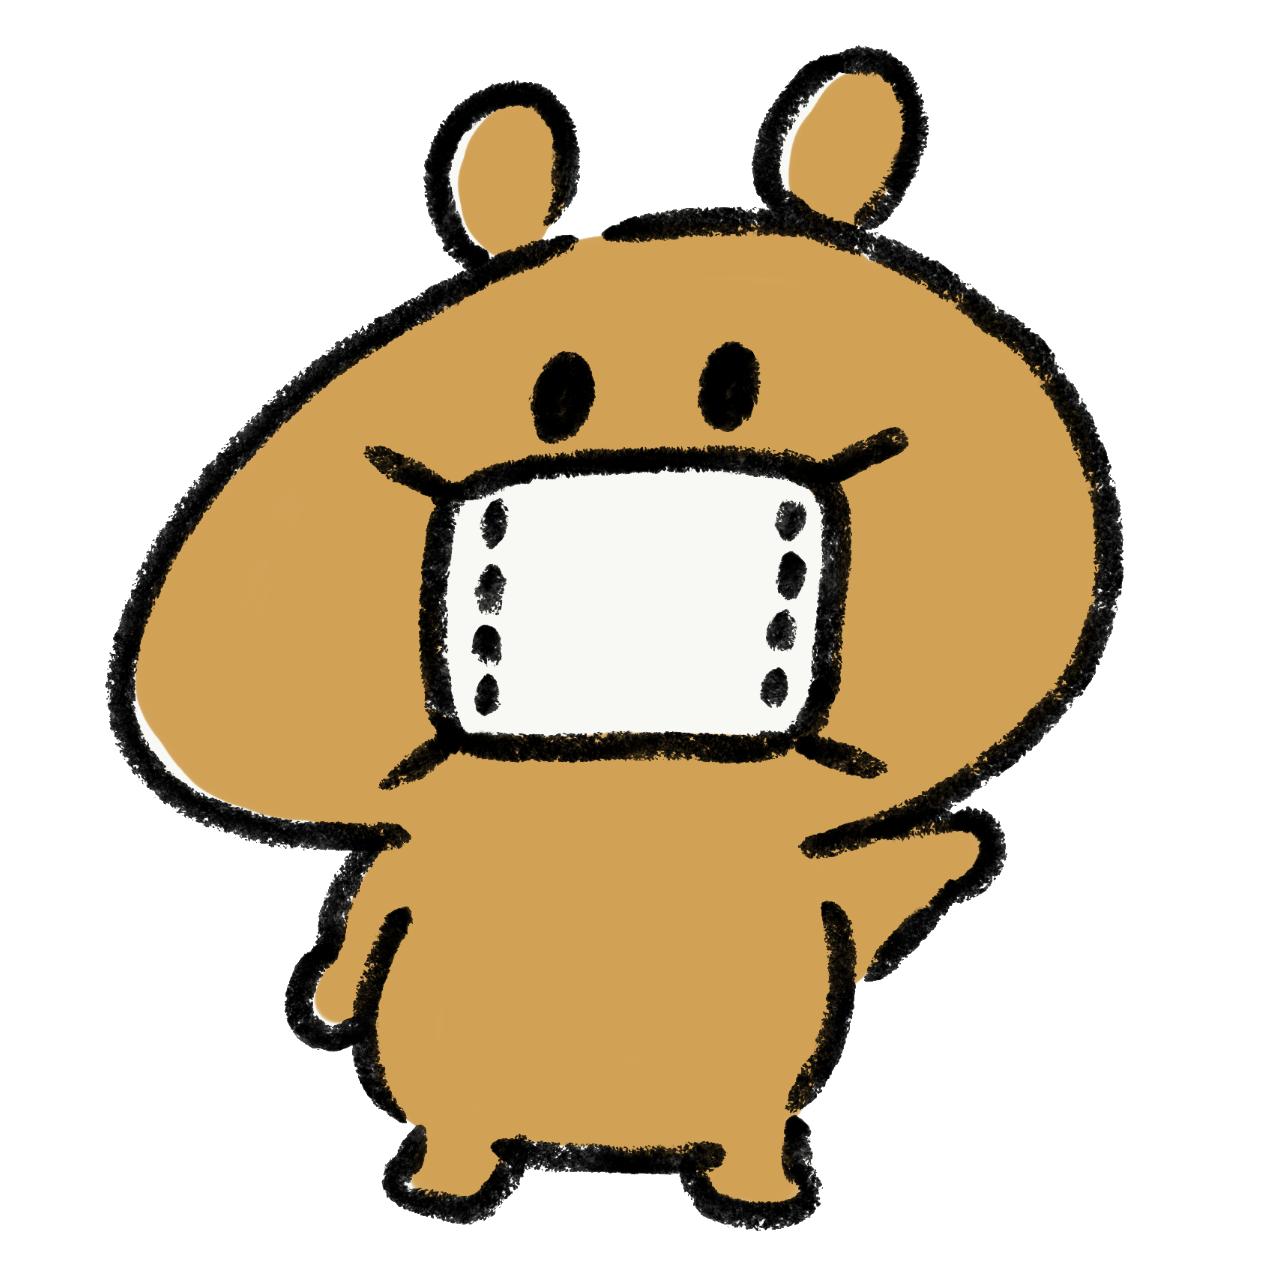 マスクの着用をお願いする熊